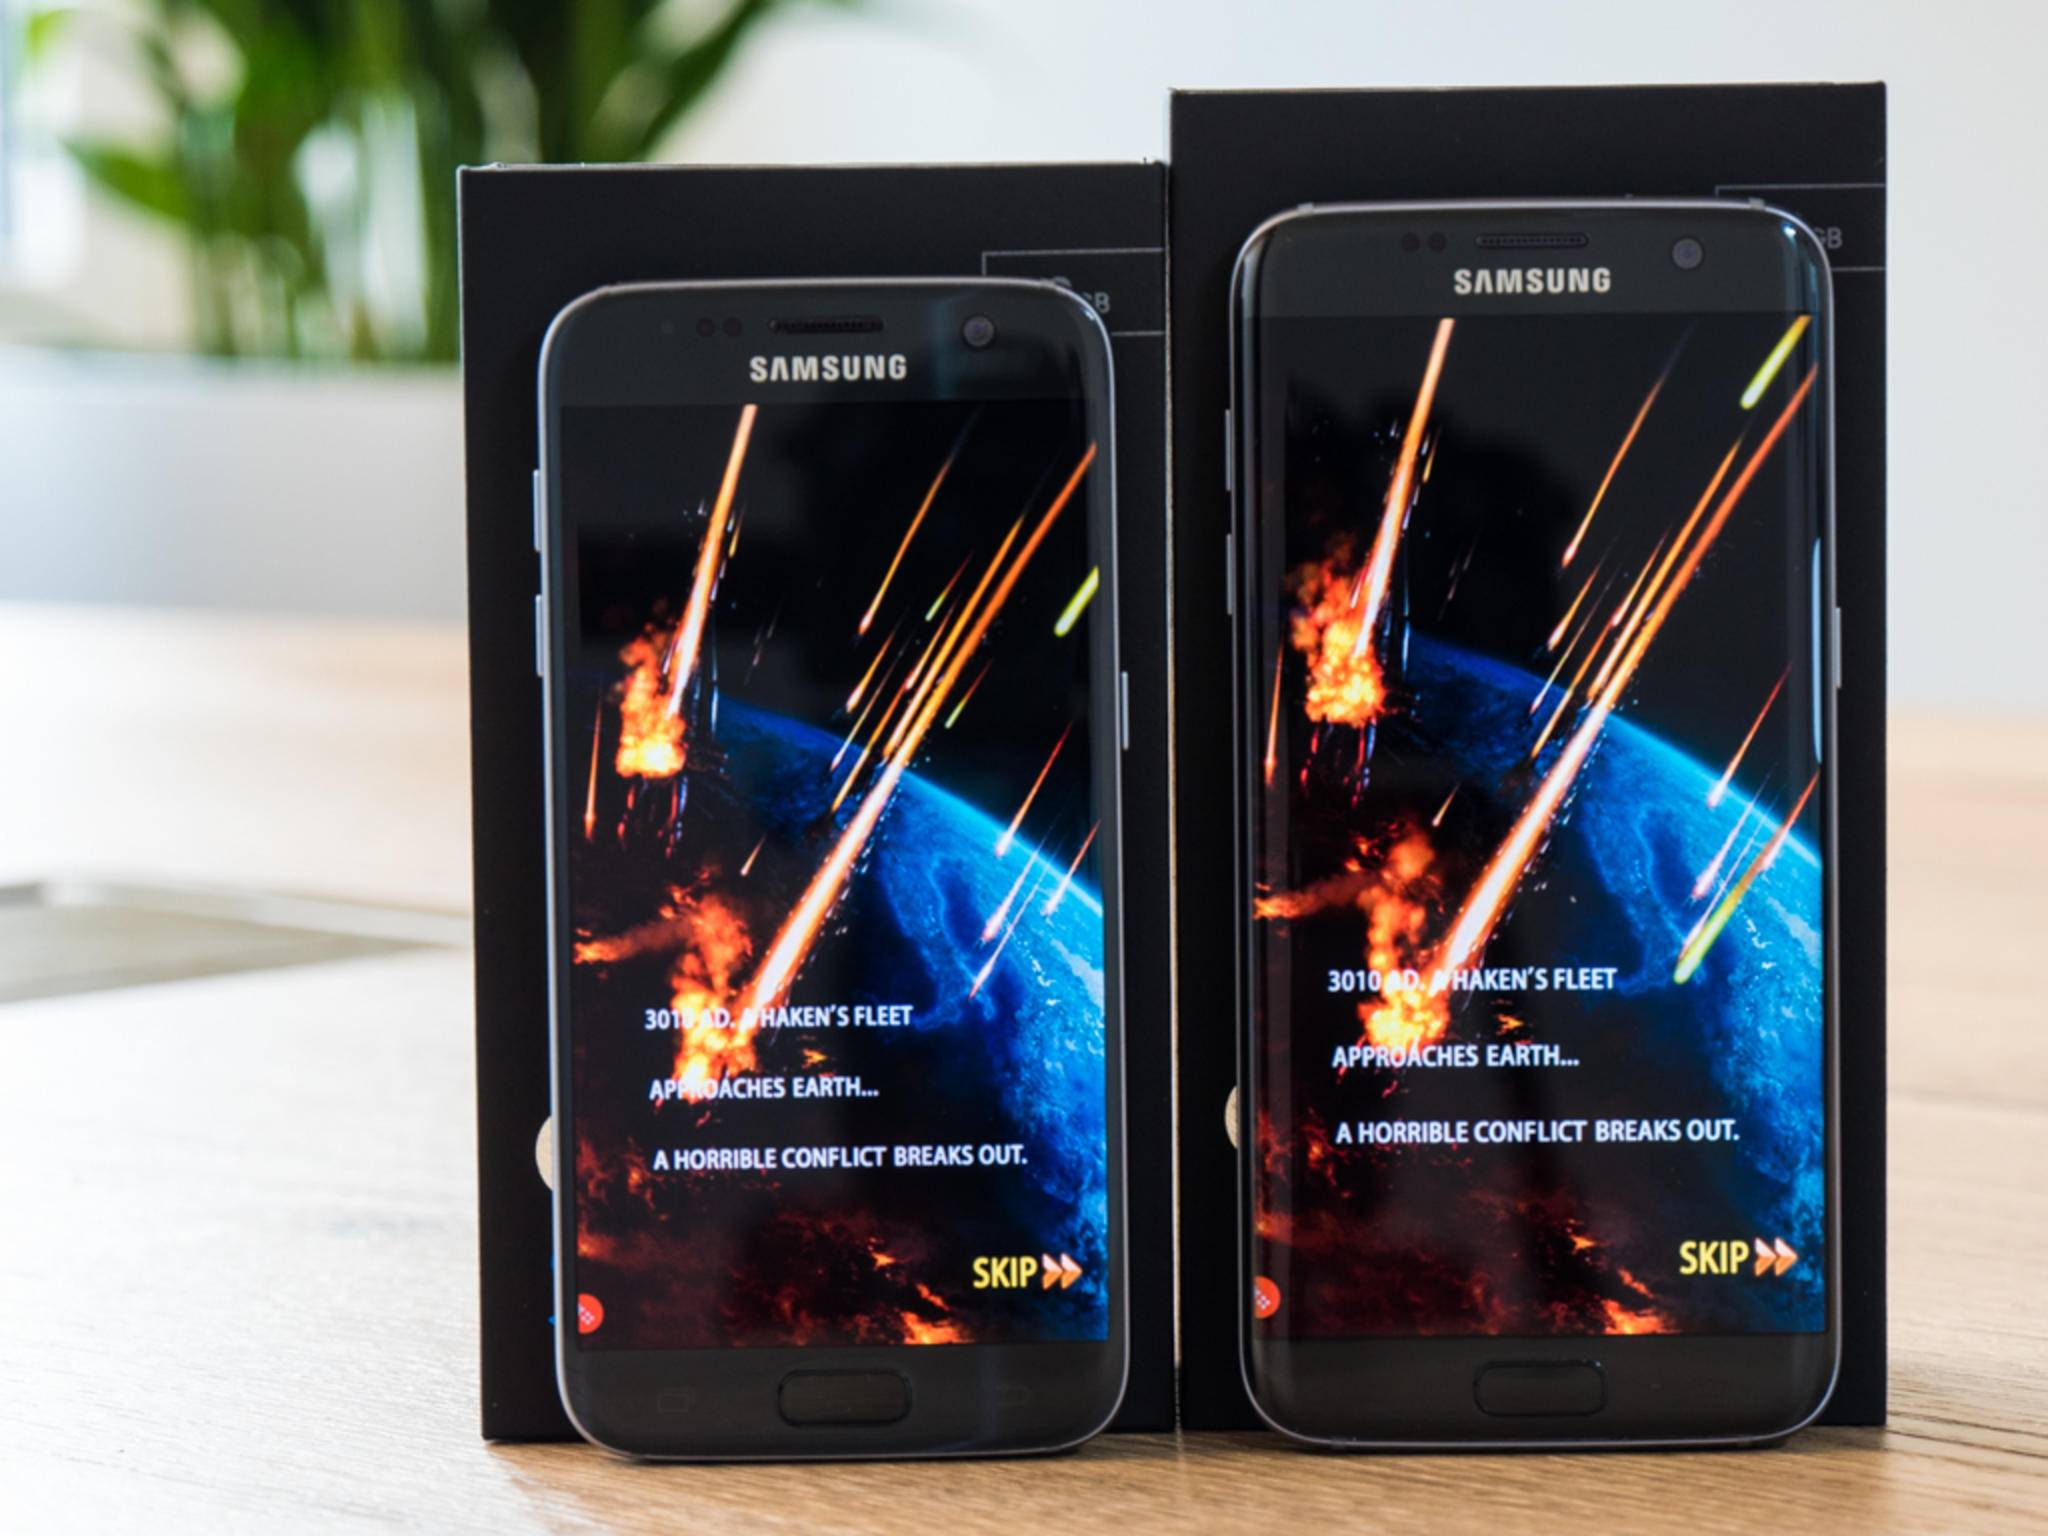 Künftige Samsung-Smartphones könnten bessere Grafik bekommen.